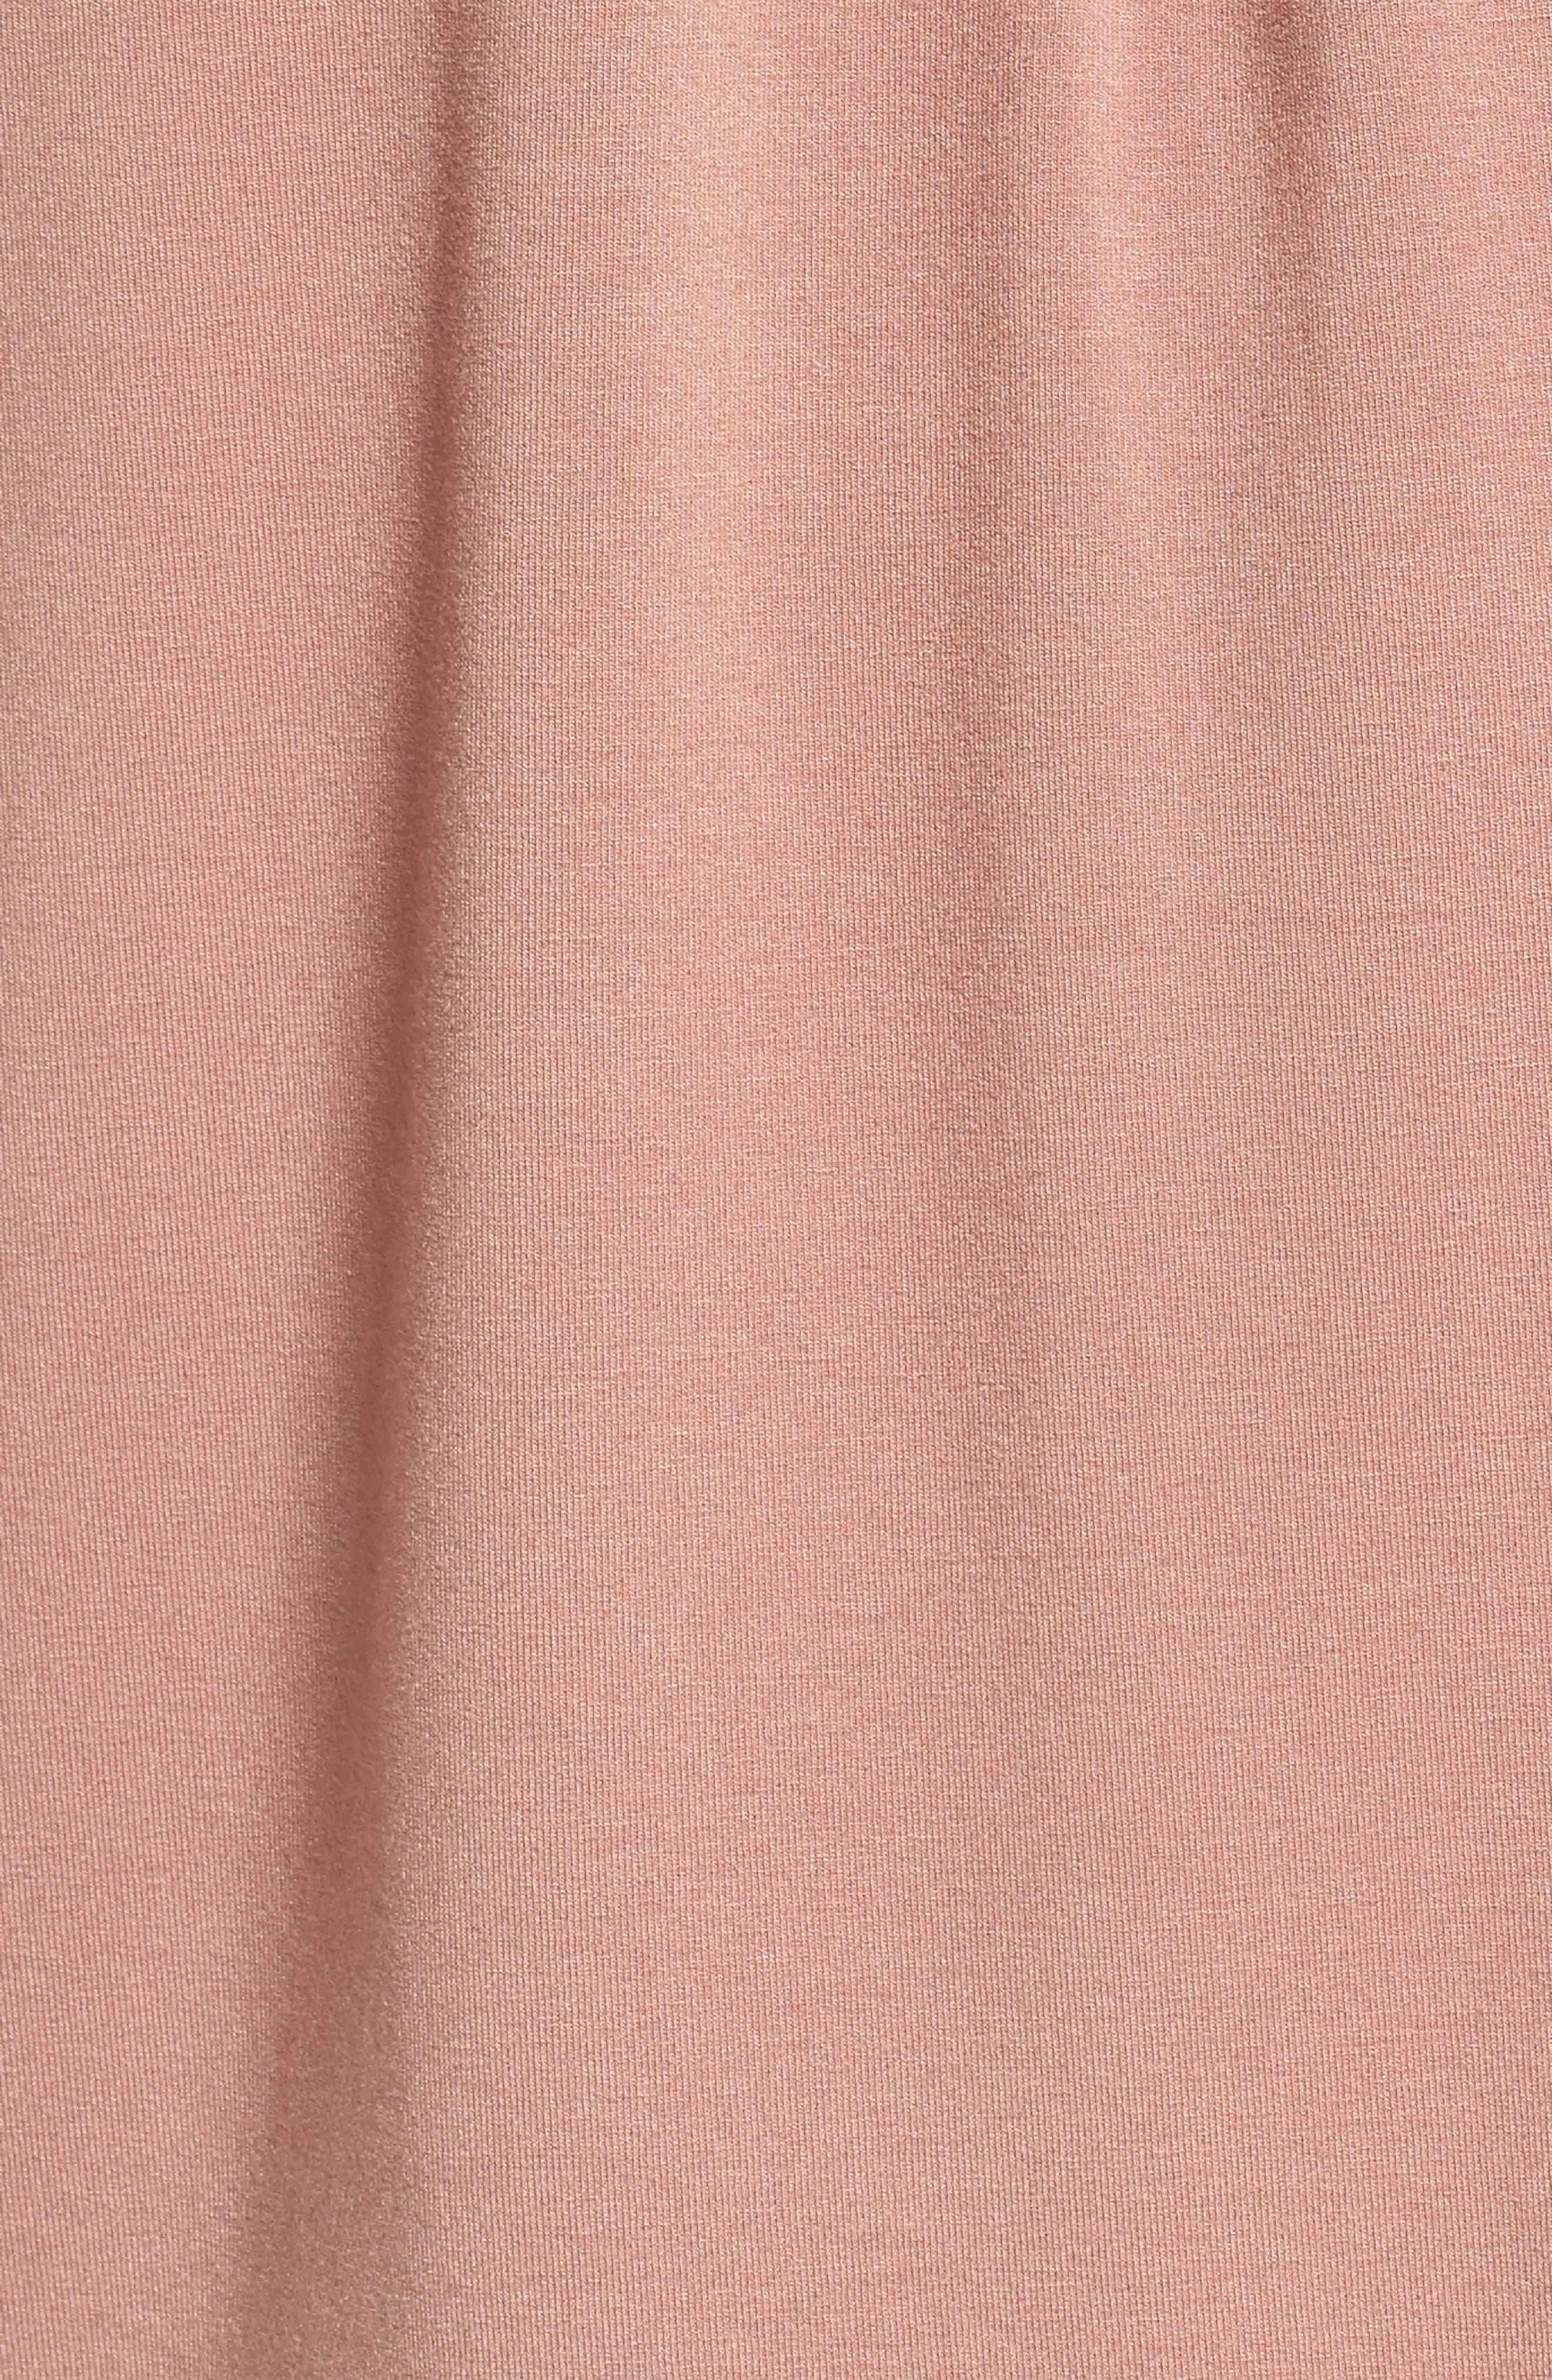 Lace Trim V-Neck Top,                             Alternate thumbnail 5, color,                             Dusty Mauve